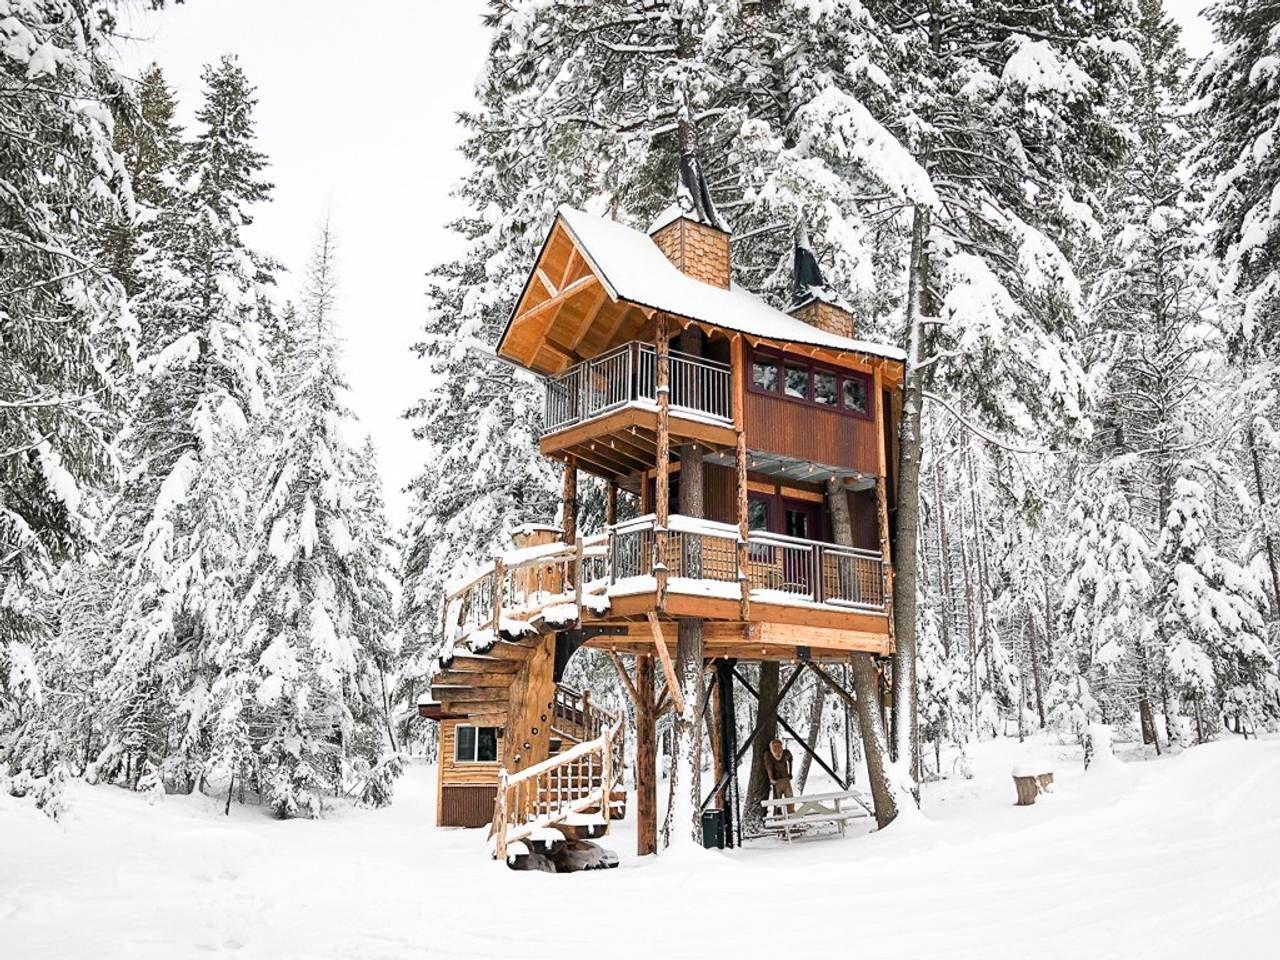 tuyết phủ nhà trên cây